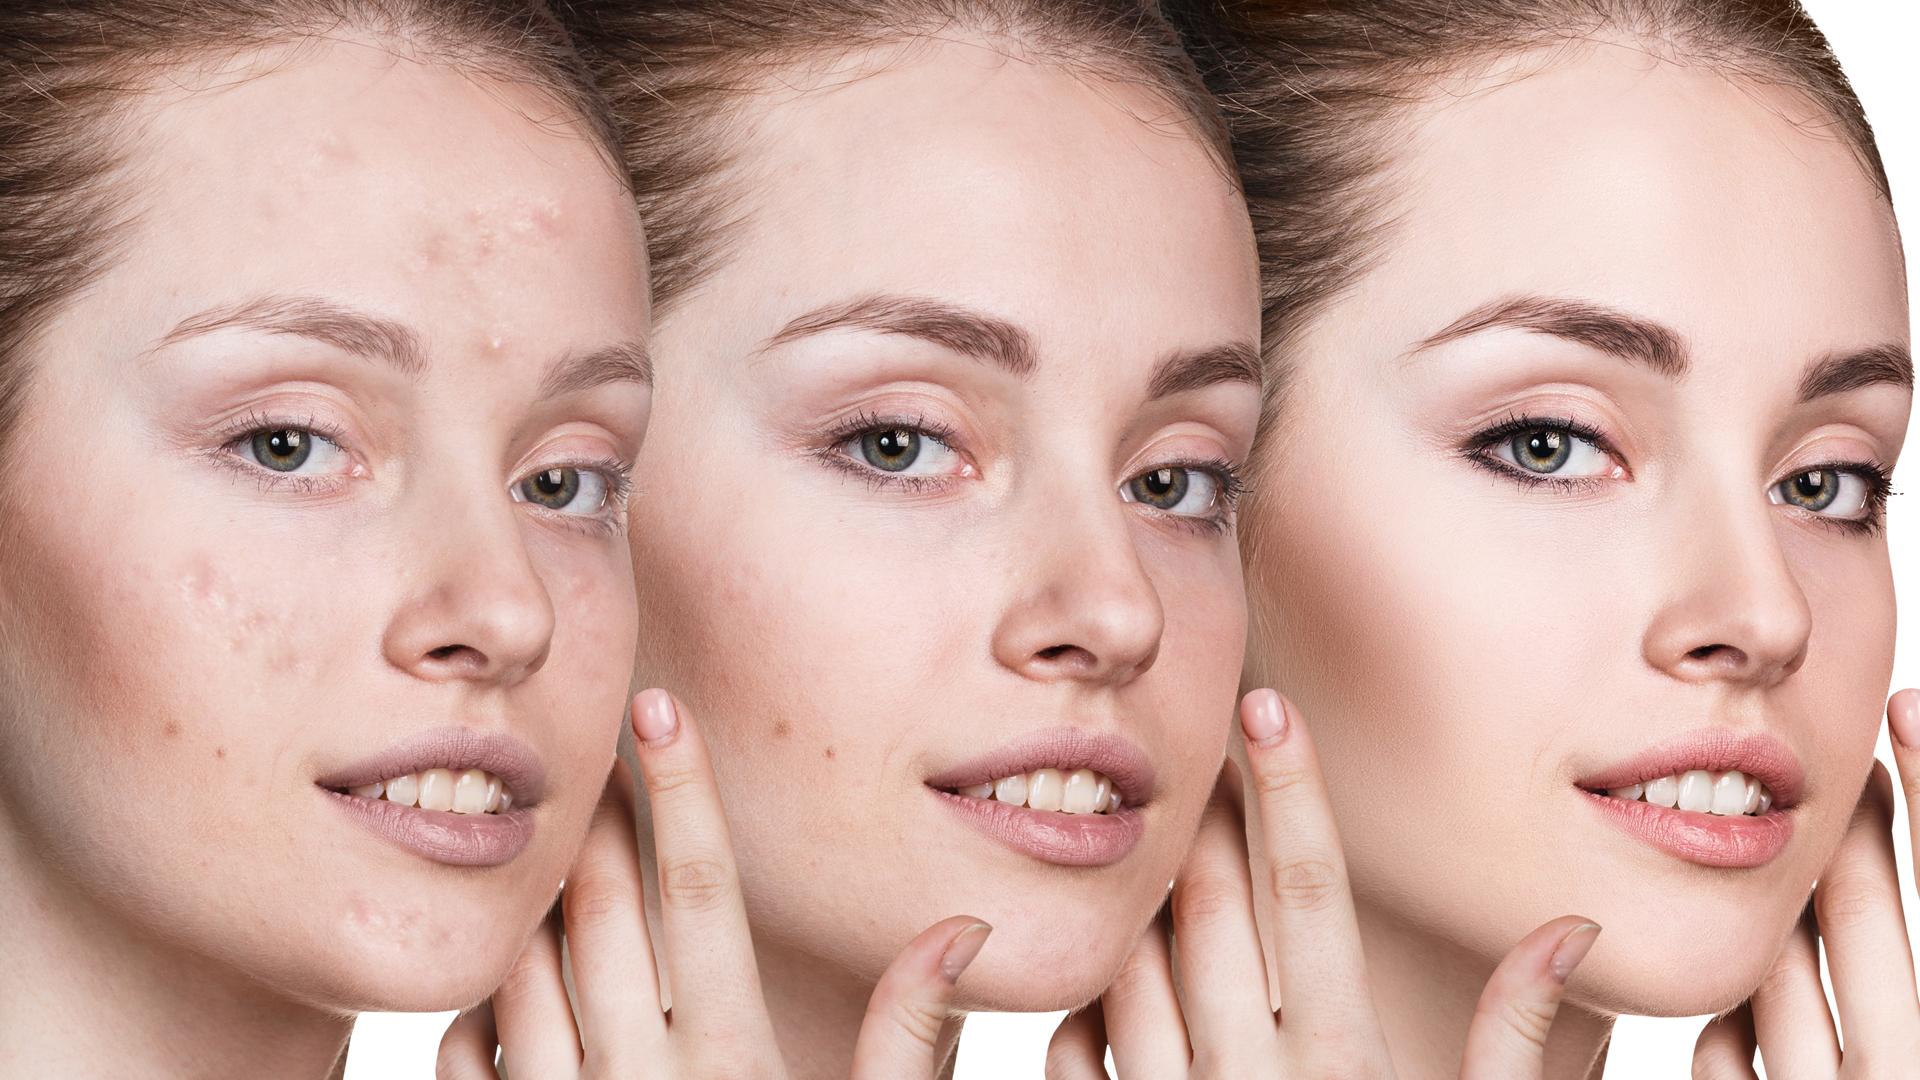 El maquillaje es el mejor aliado para tapar las manchas de acné y unificar el tono de la piel (Getty Images)